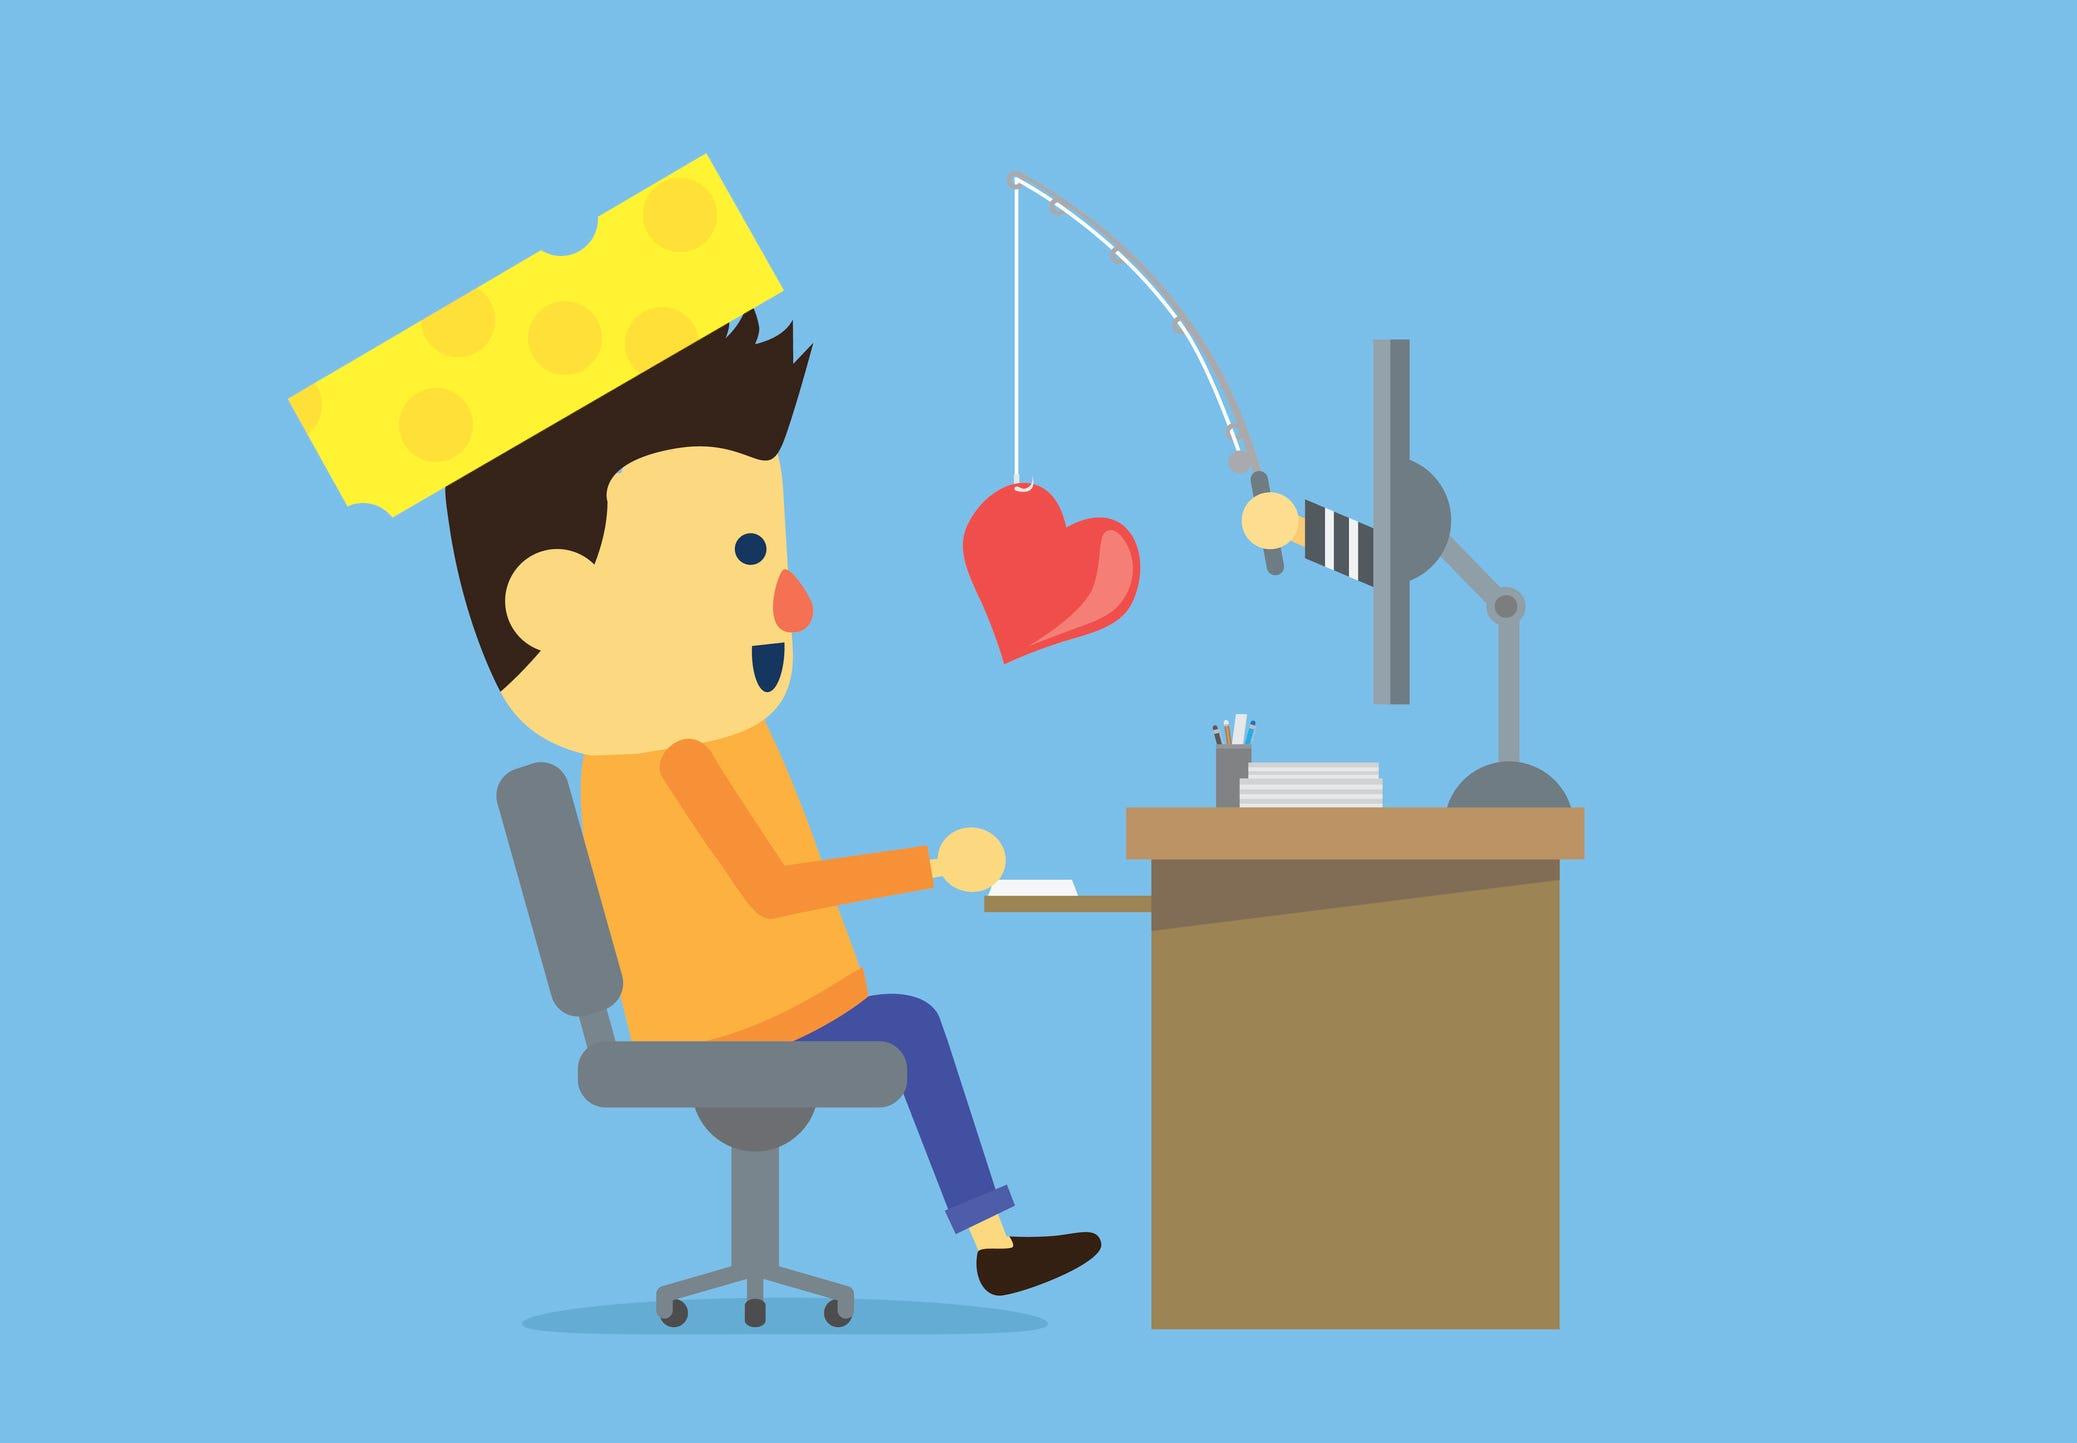 Filme amor eterno amor online dating